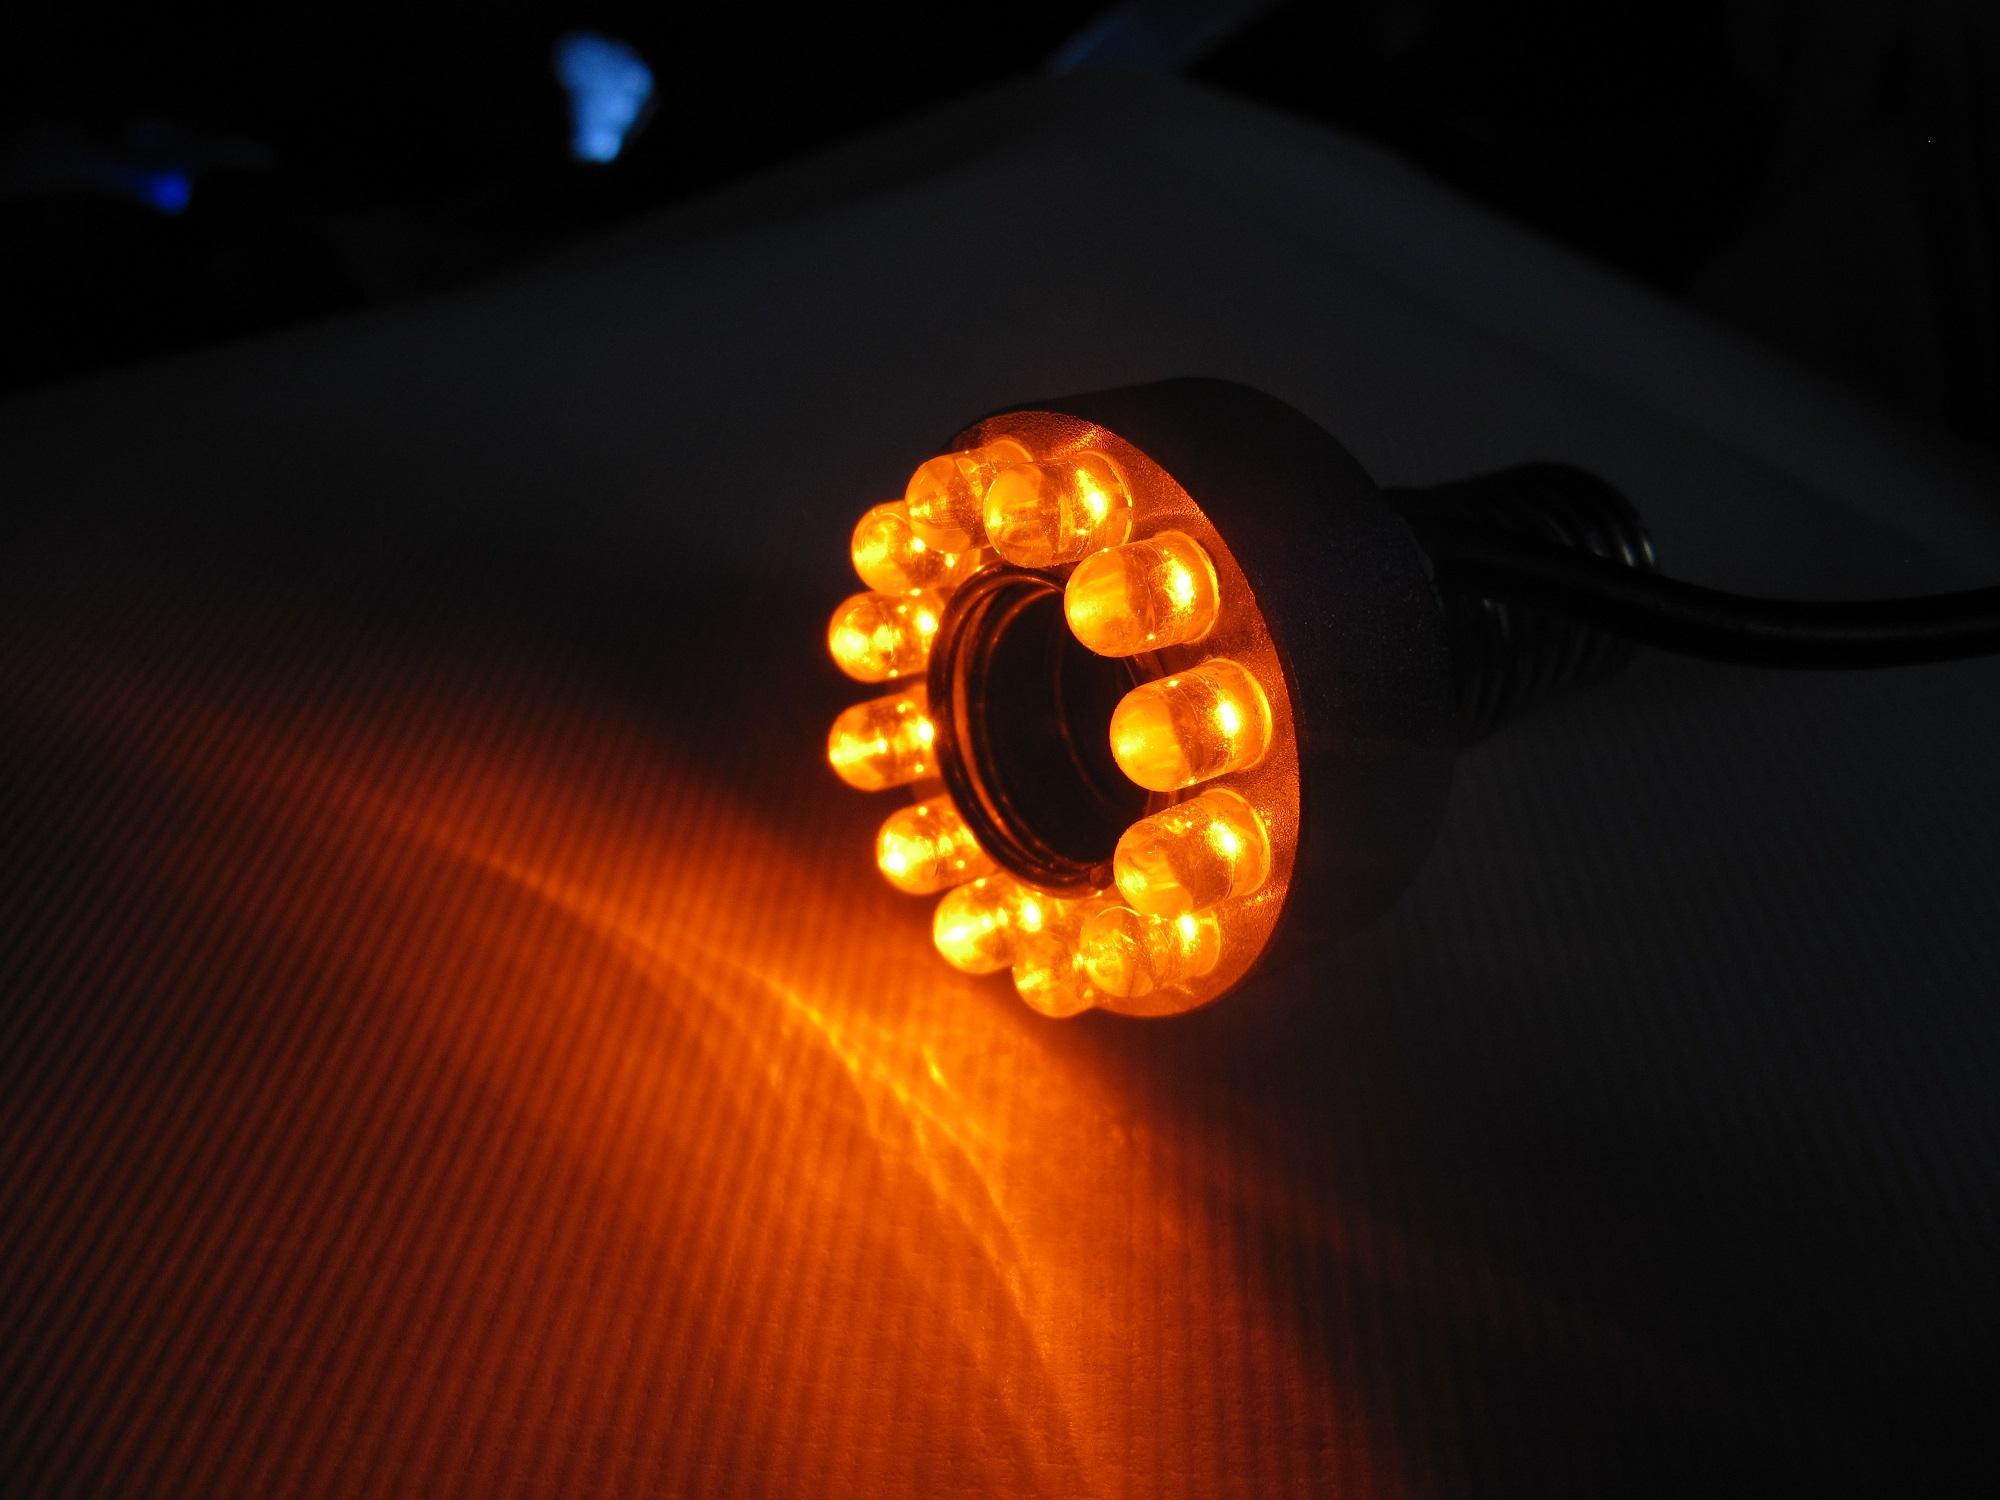 12er led ring amber beleuchtung f r wasserspiele zierbrunnen und quellsteine. Black Bedroom Furniture Sets. Home Design Ideas